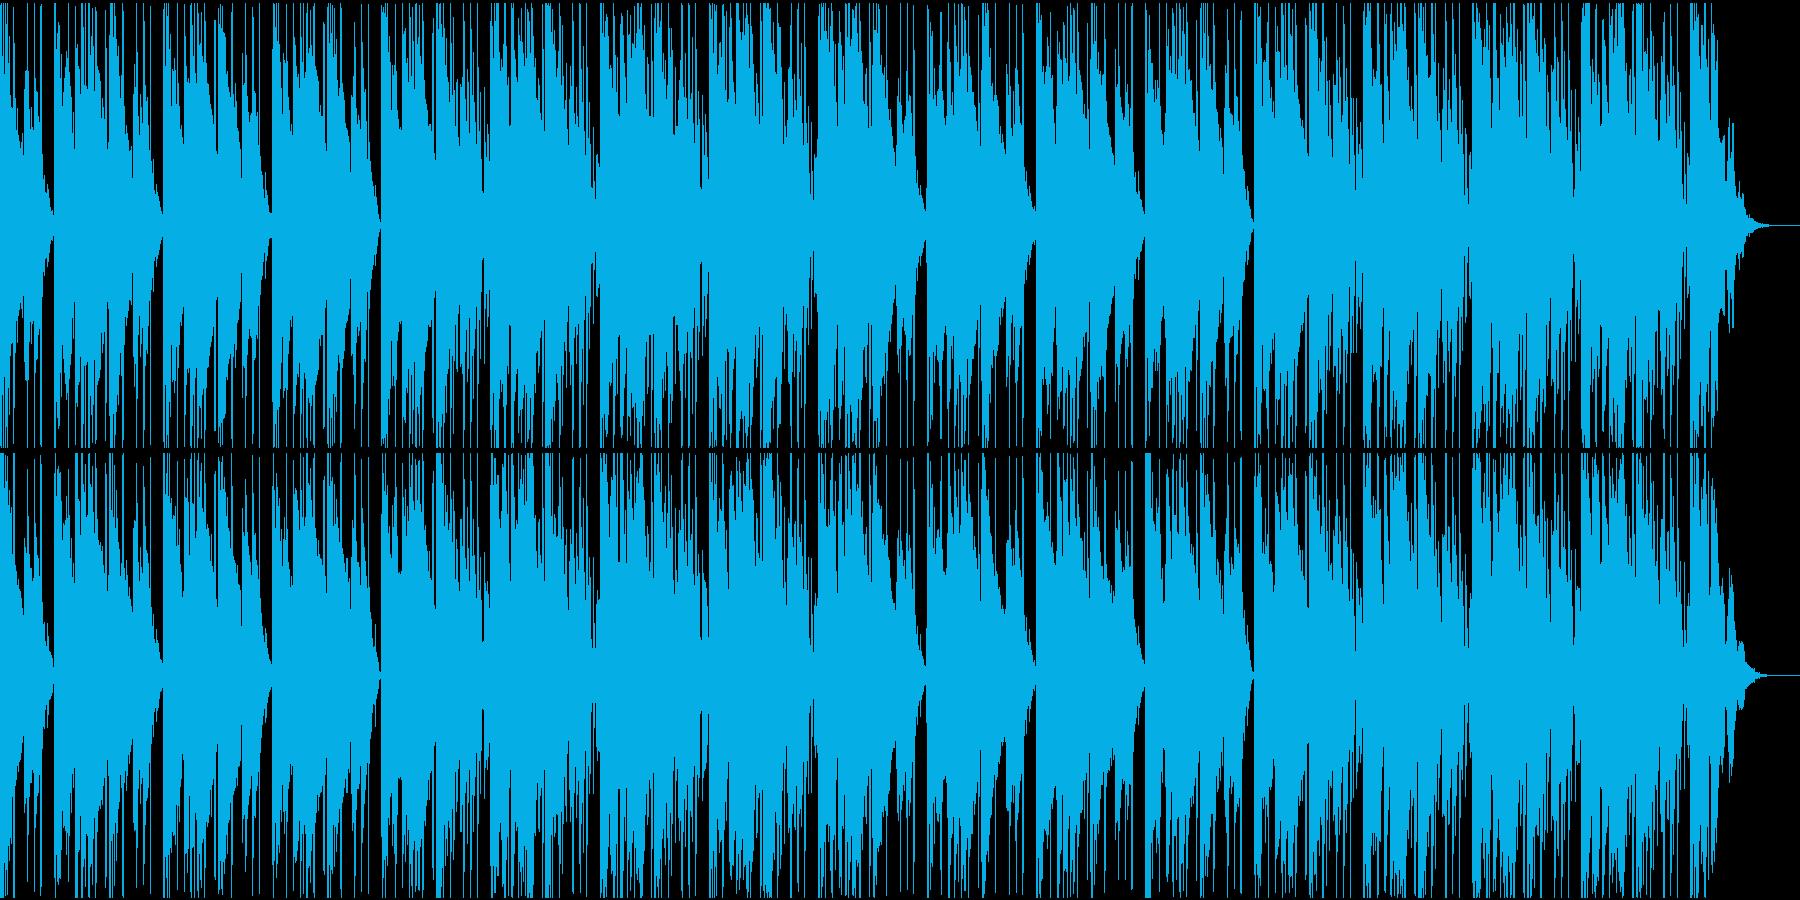 大人な雰囲気のR&B風BGMの再生済みの波形